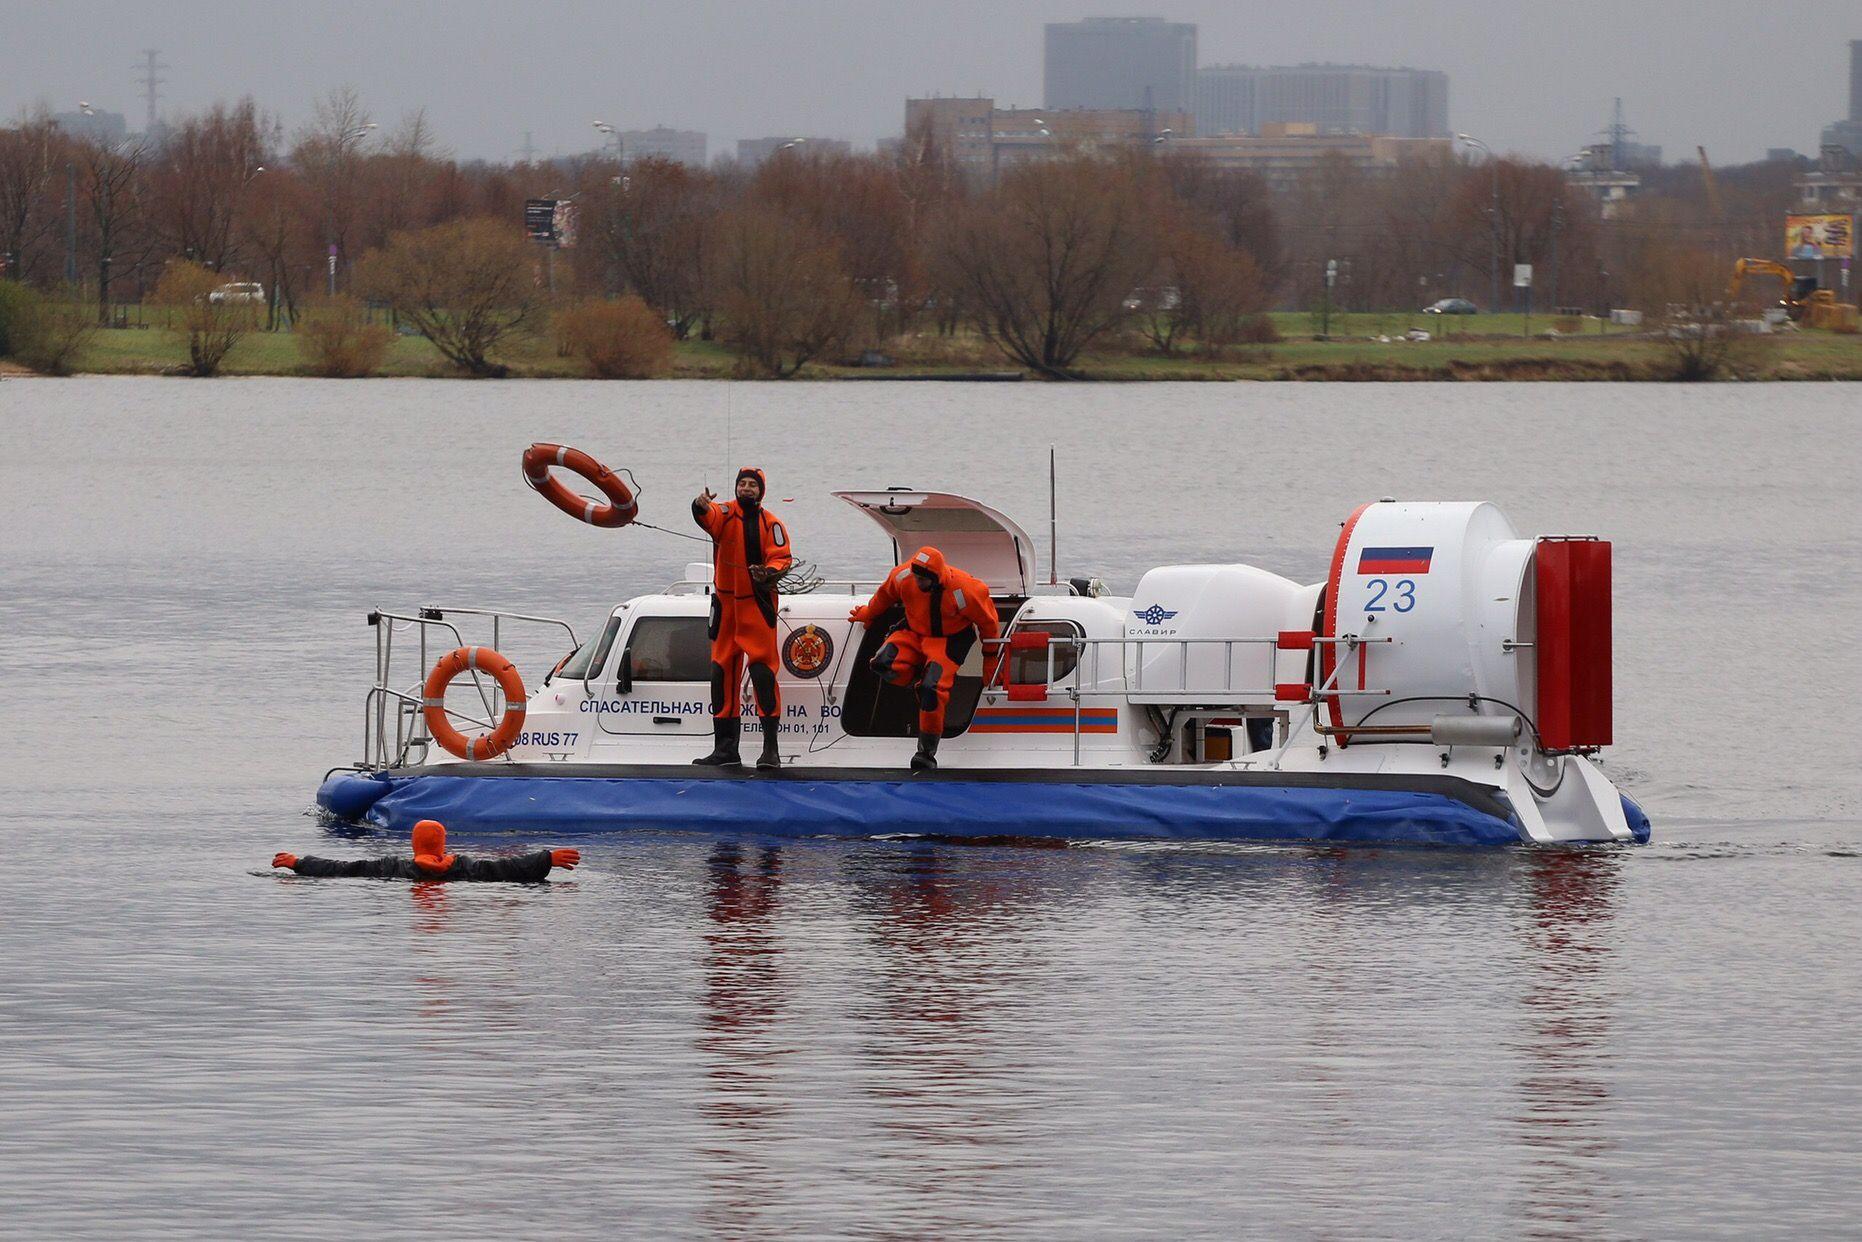 Спасатели поисково-спасательной станции «Троицкая» спасли тонущего молодого человека